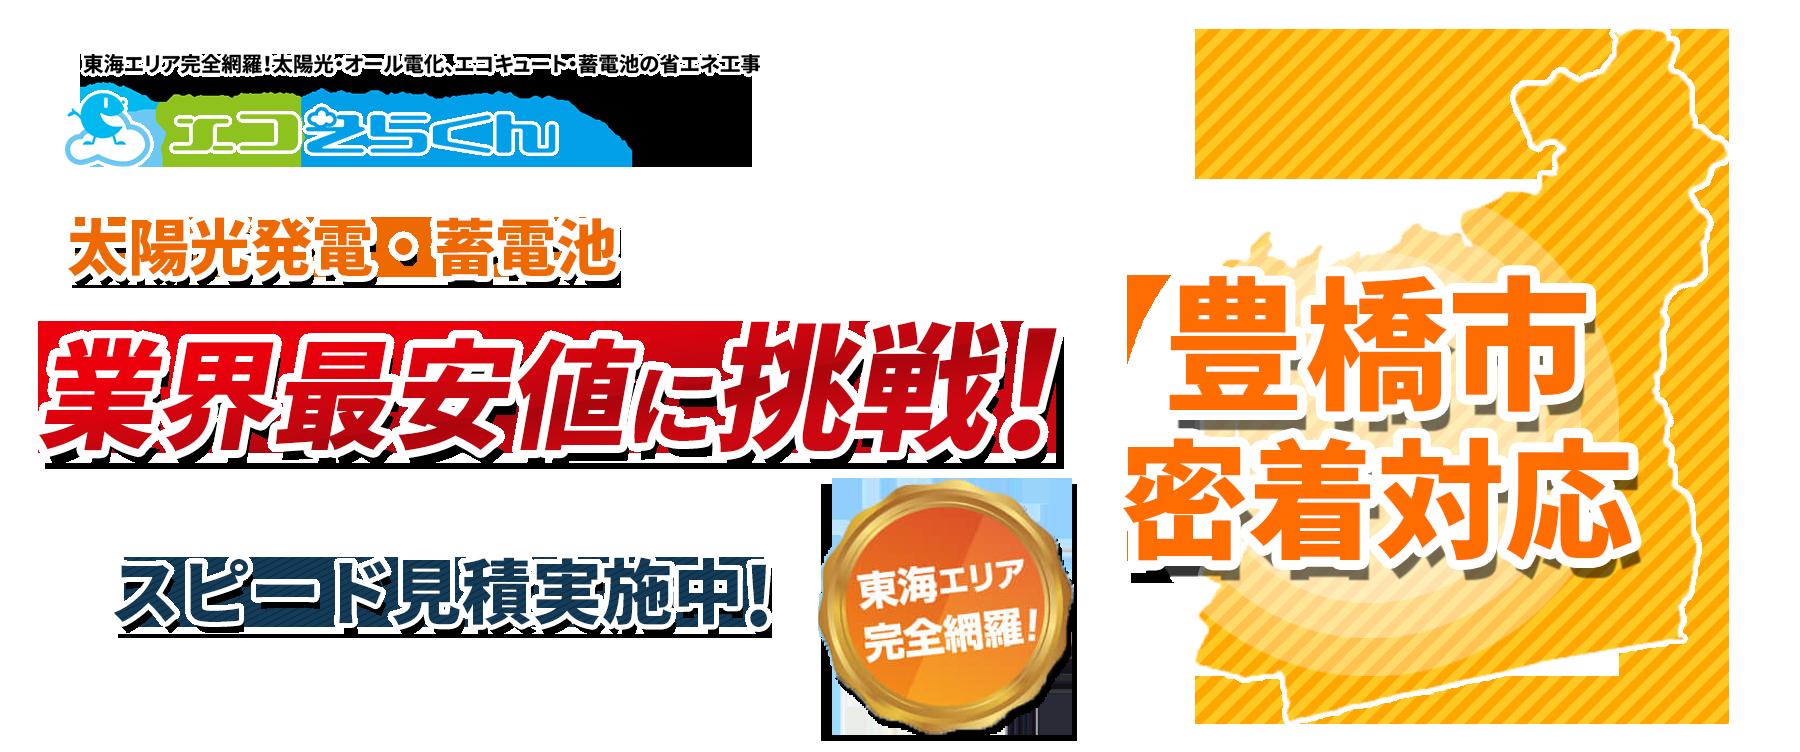 愛知県豊橋市密着対応!